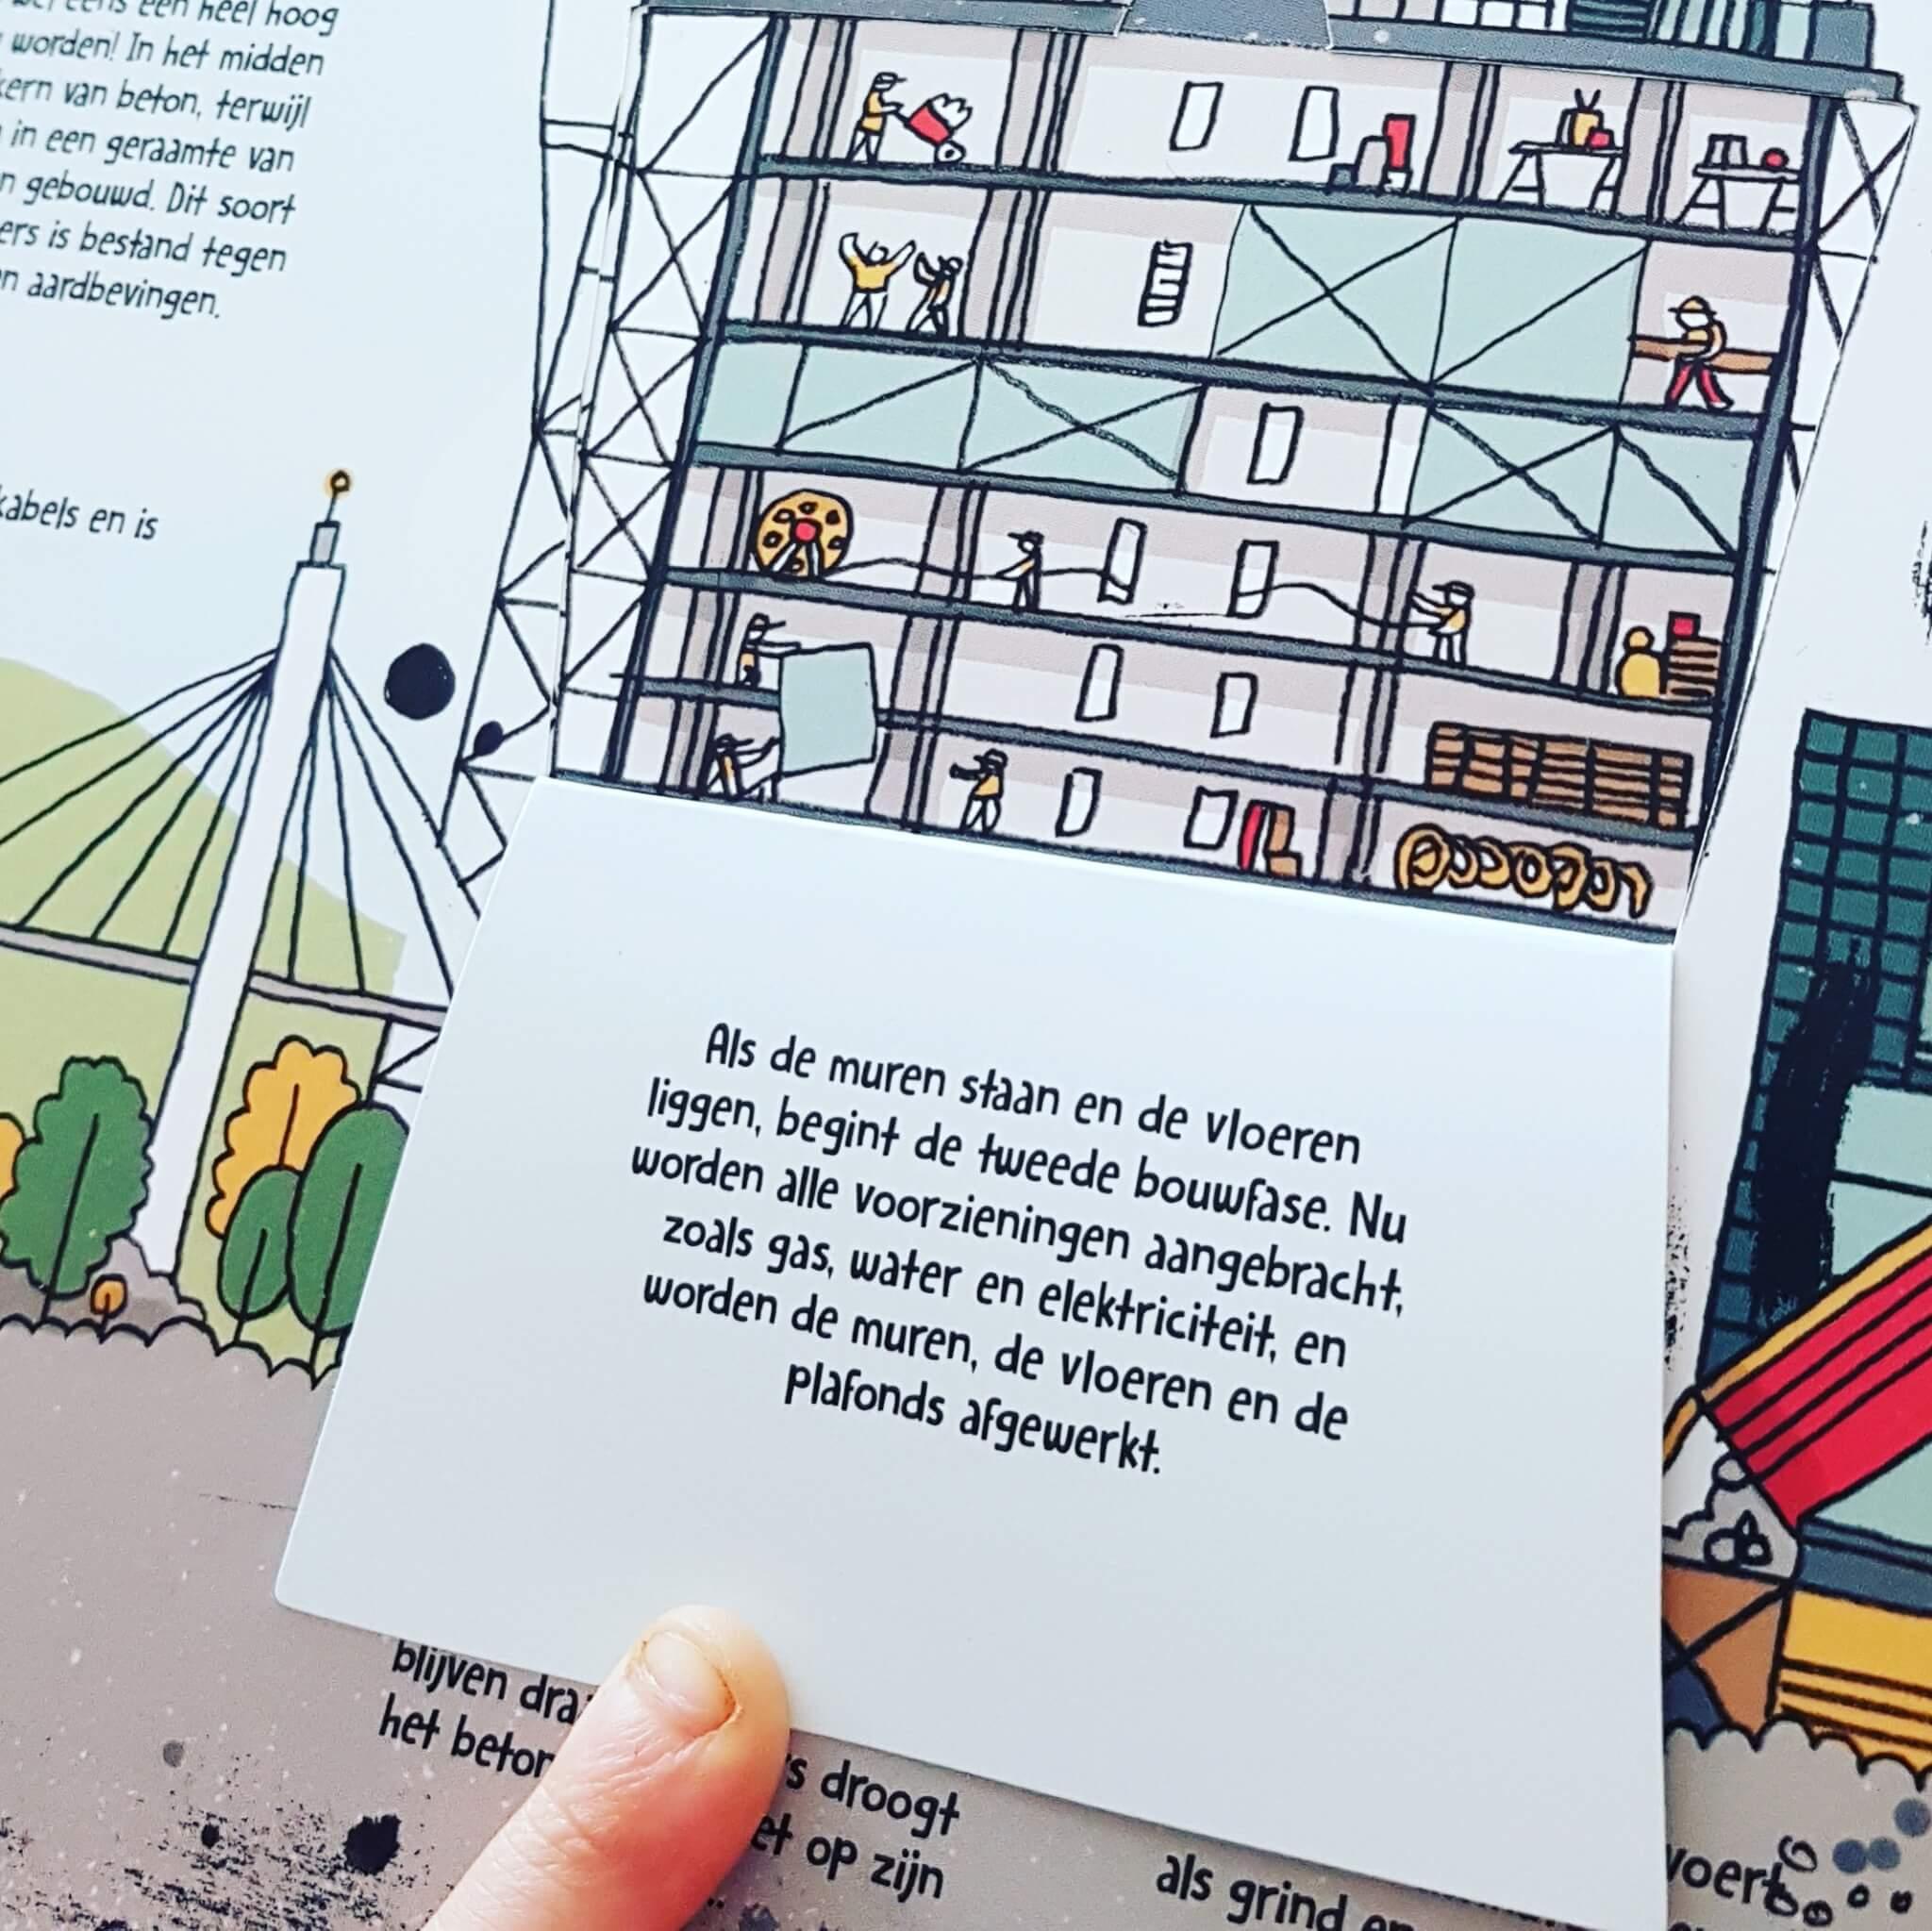 Boekentip: uitklapboek over hoe een stad werkt van Lonely Planet